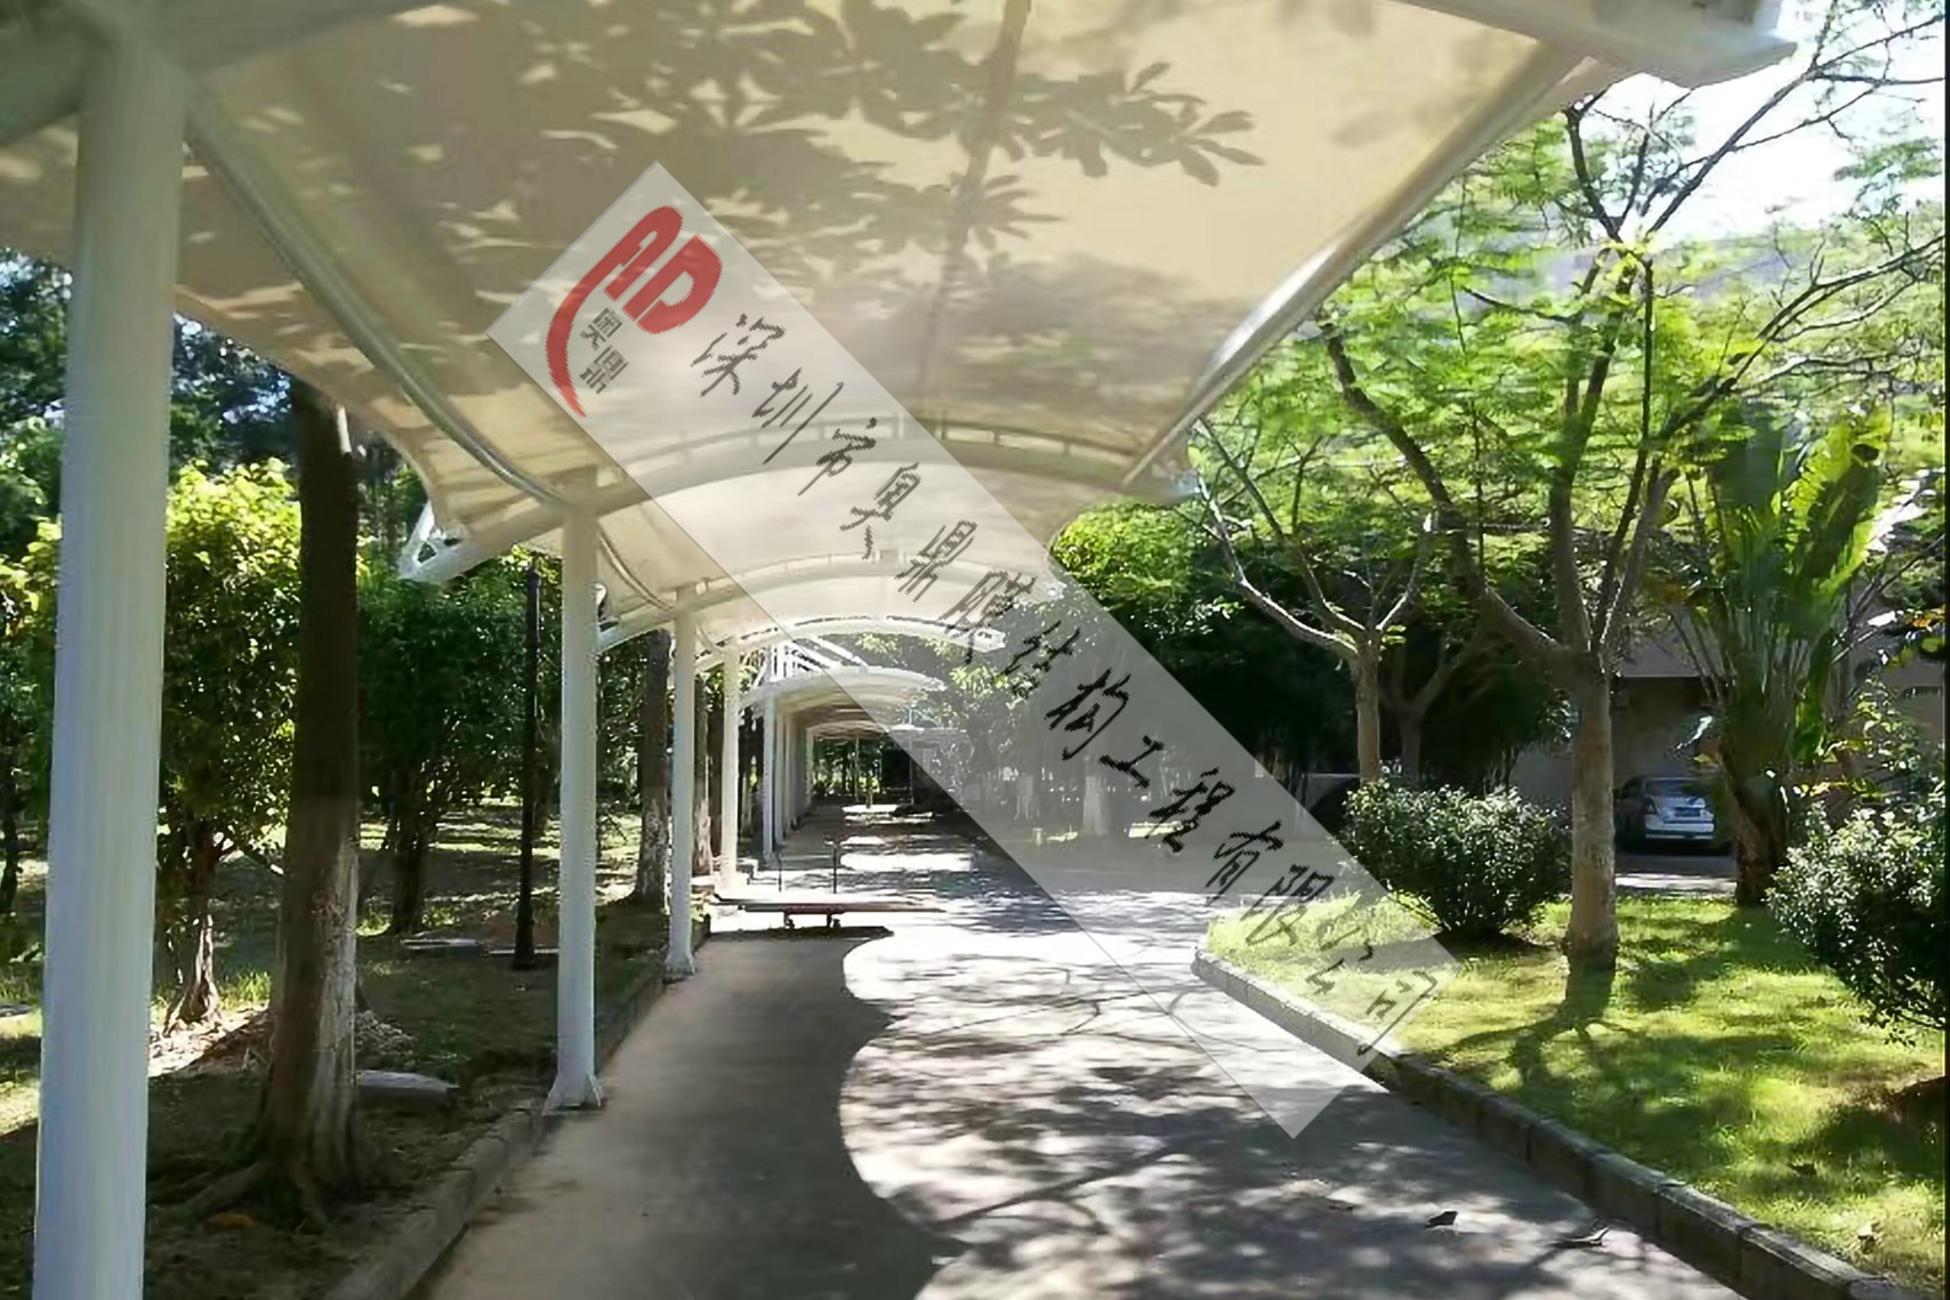 珠海农业银行IT基地走廊膜结构